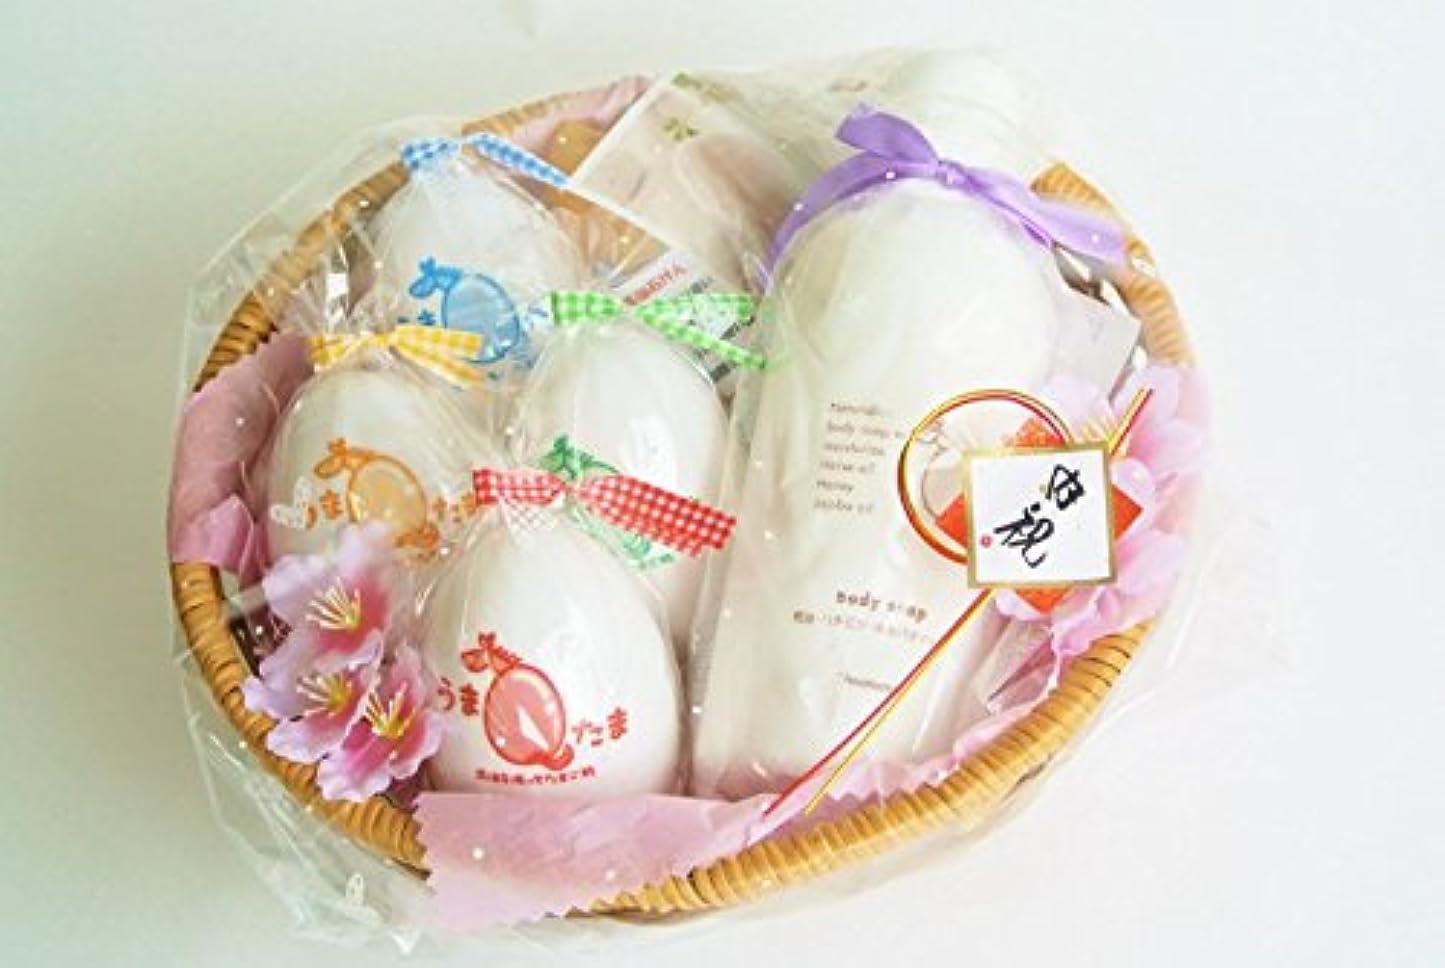 漂流交換エトナ山Umatama(ウマタマ) 馬油石鹸うまたま4種類と馬油のボディソープのギフトセット!出産祝い?内祝い?結婚祝い?誕生日祝いにおススメです!